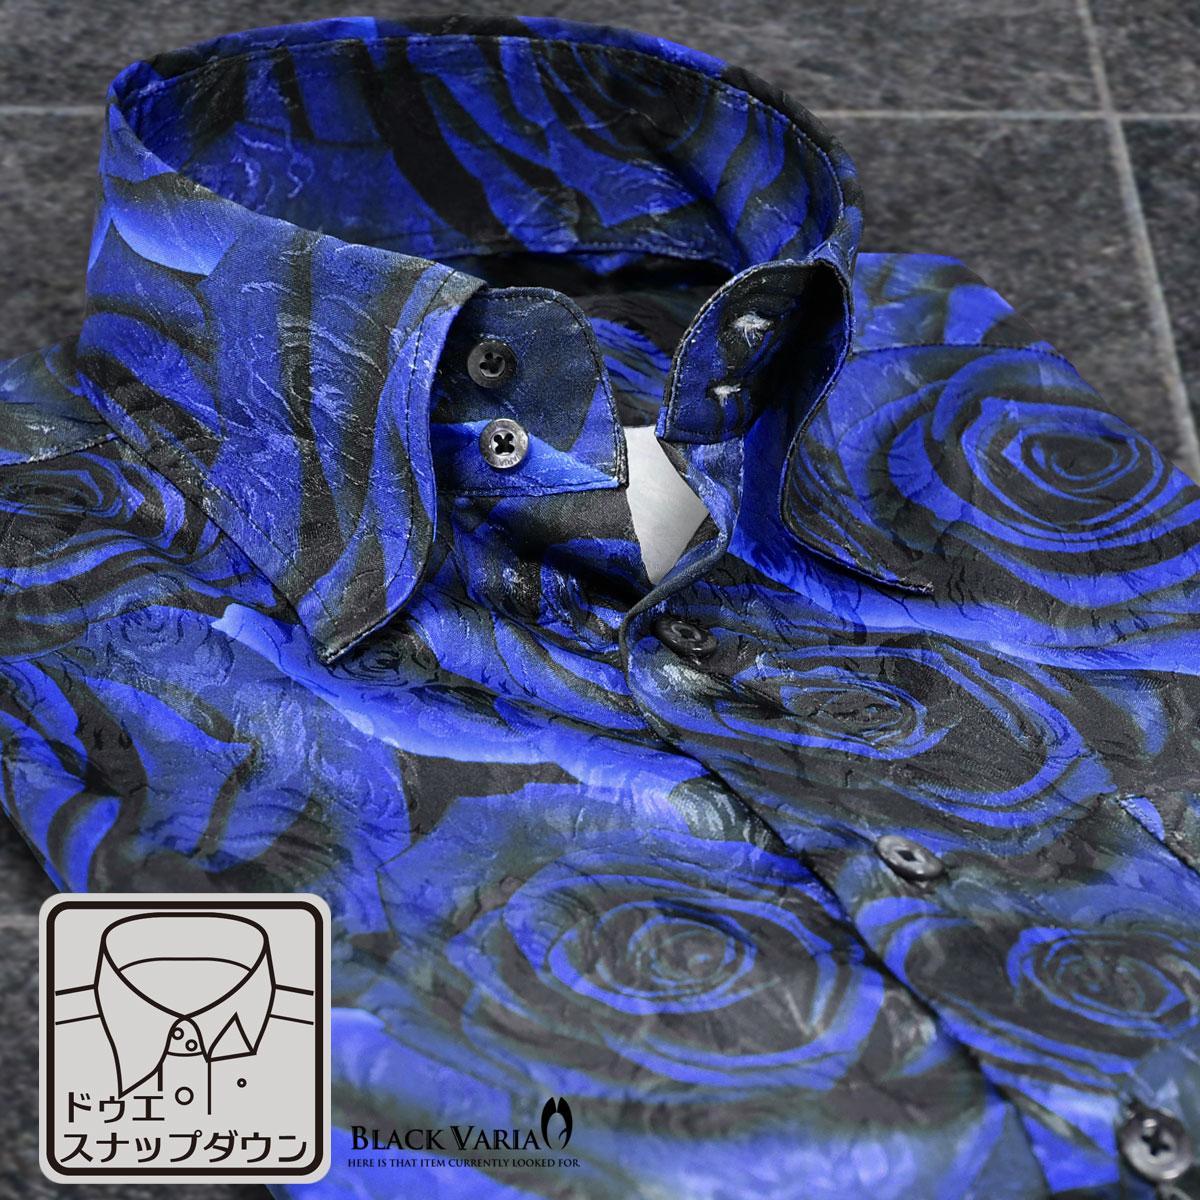 サテンシャツ ドレスシャツ 薔薇 大柄 ドゥエボットーニ スナップダウン 日本製 パーティー ジャガード メンズ mens(ブルー青)